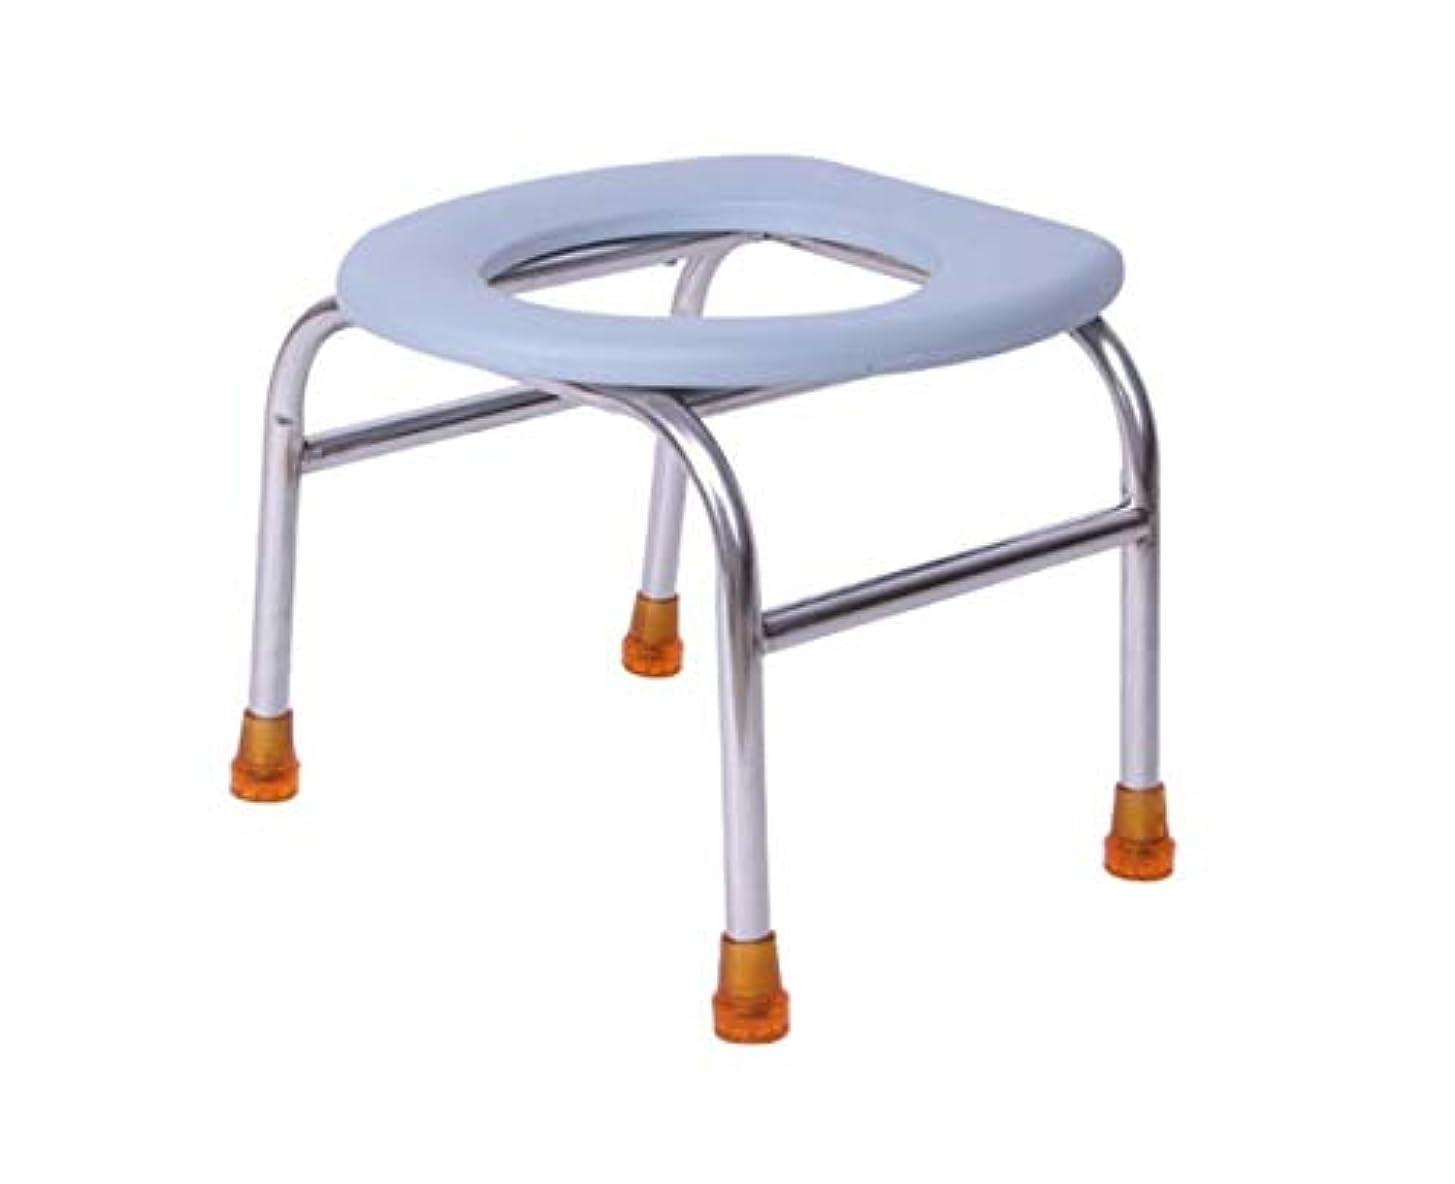 本土障害清める滑り止めの便座スツール、高齢者の障害のある妊娠中の女性に適した高齢者の補助浴室の椅子